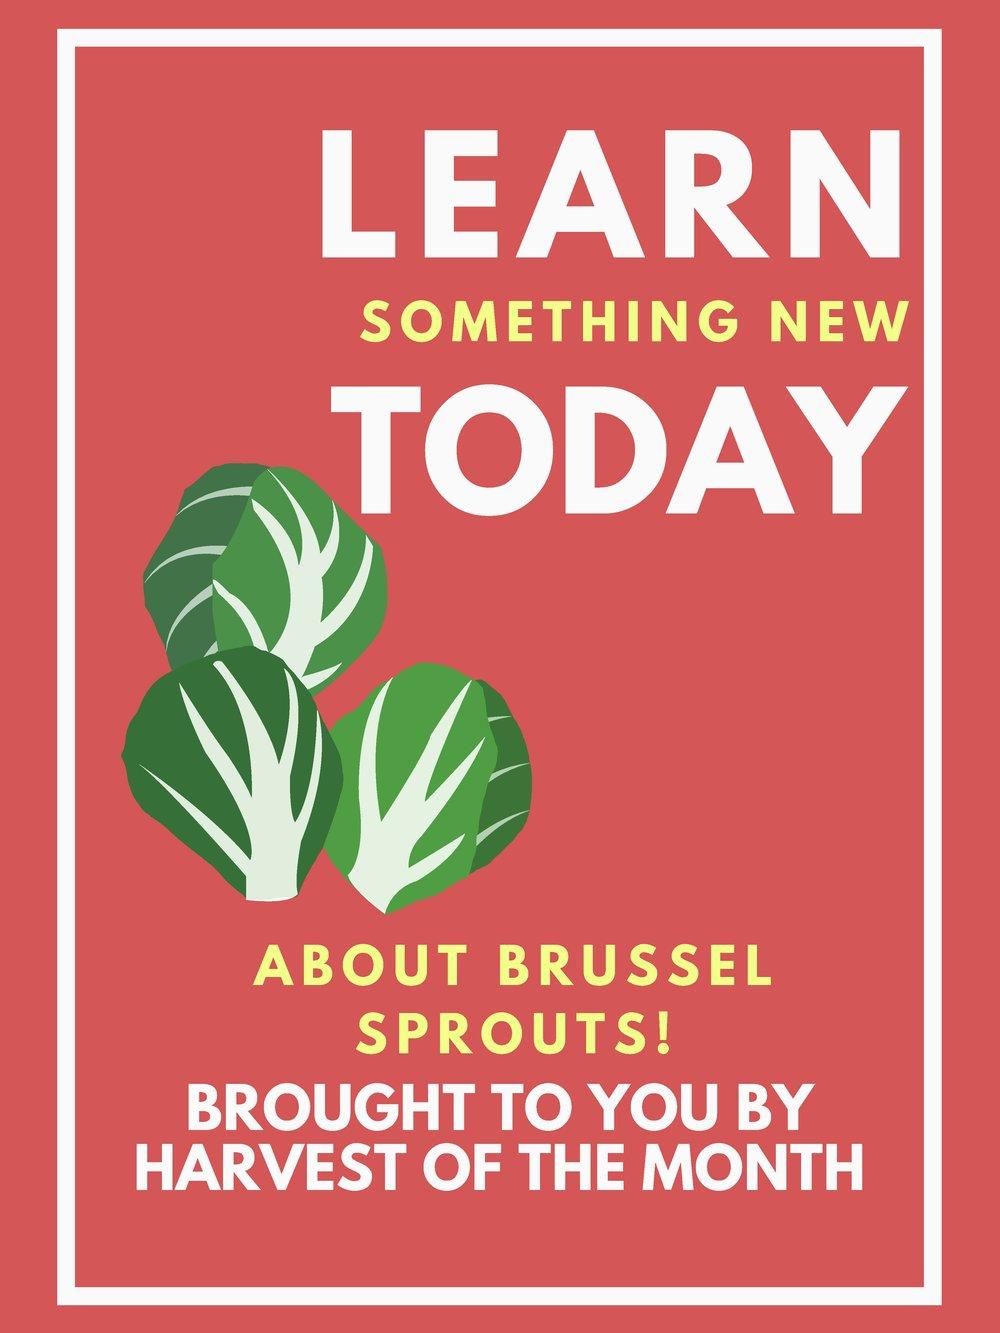 BrusselSproutsHOM (3)_Page_1.jpg